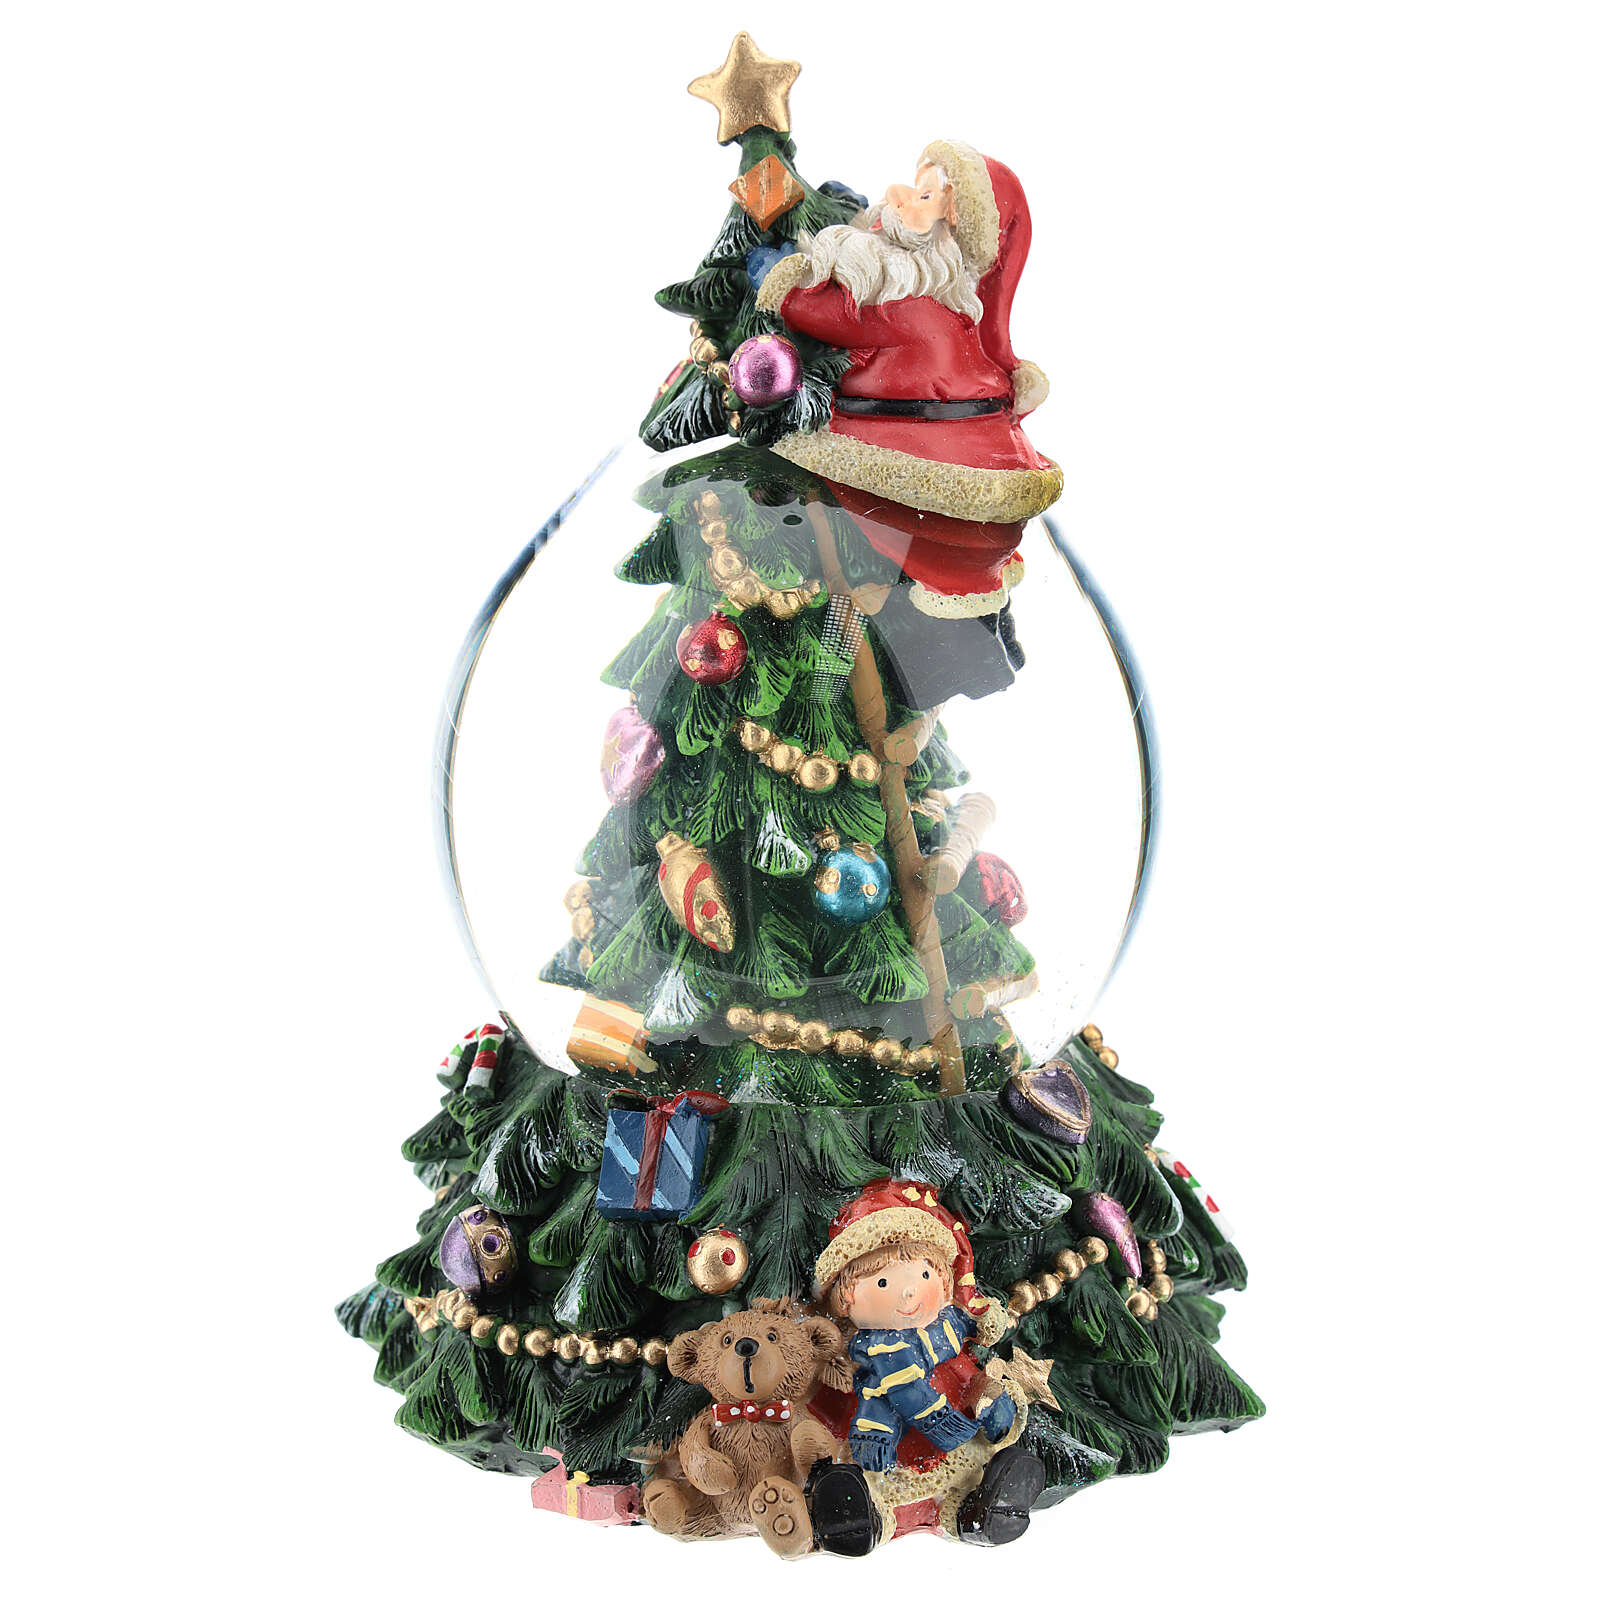 Schneekugel mit Weihnachtsmann und Weihnachtsbaum, 20 cm 3